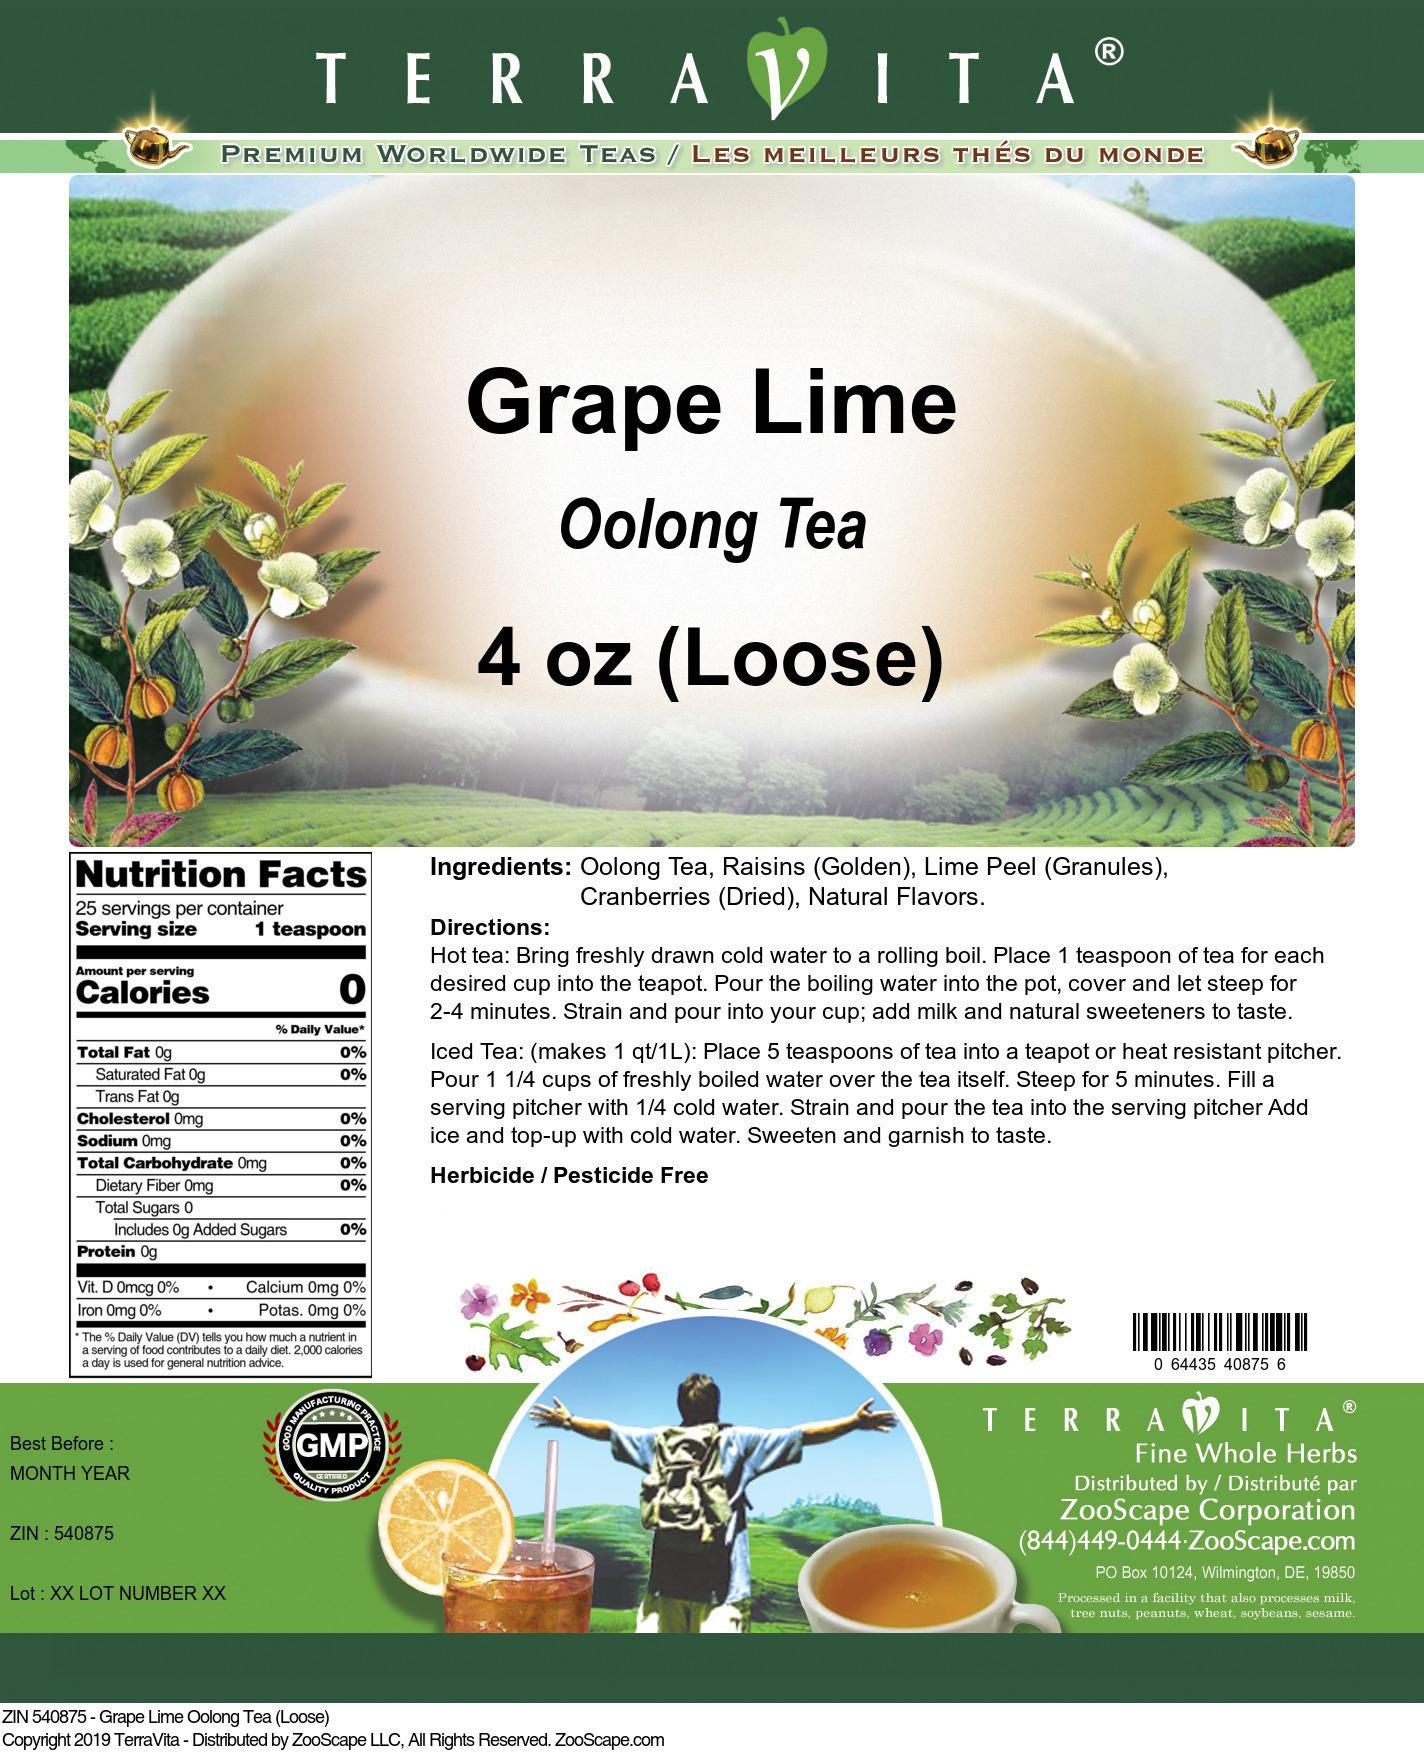 Grape Lime Oolong Tea (Loose)